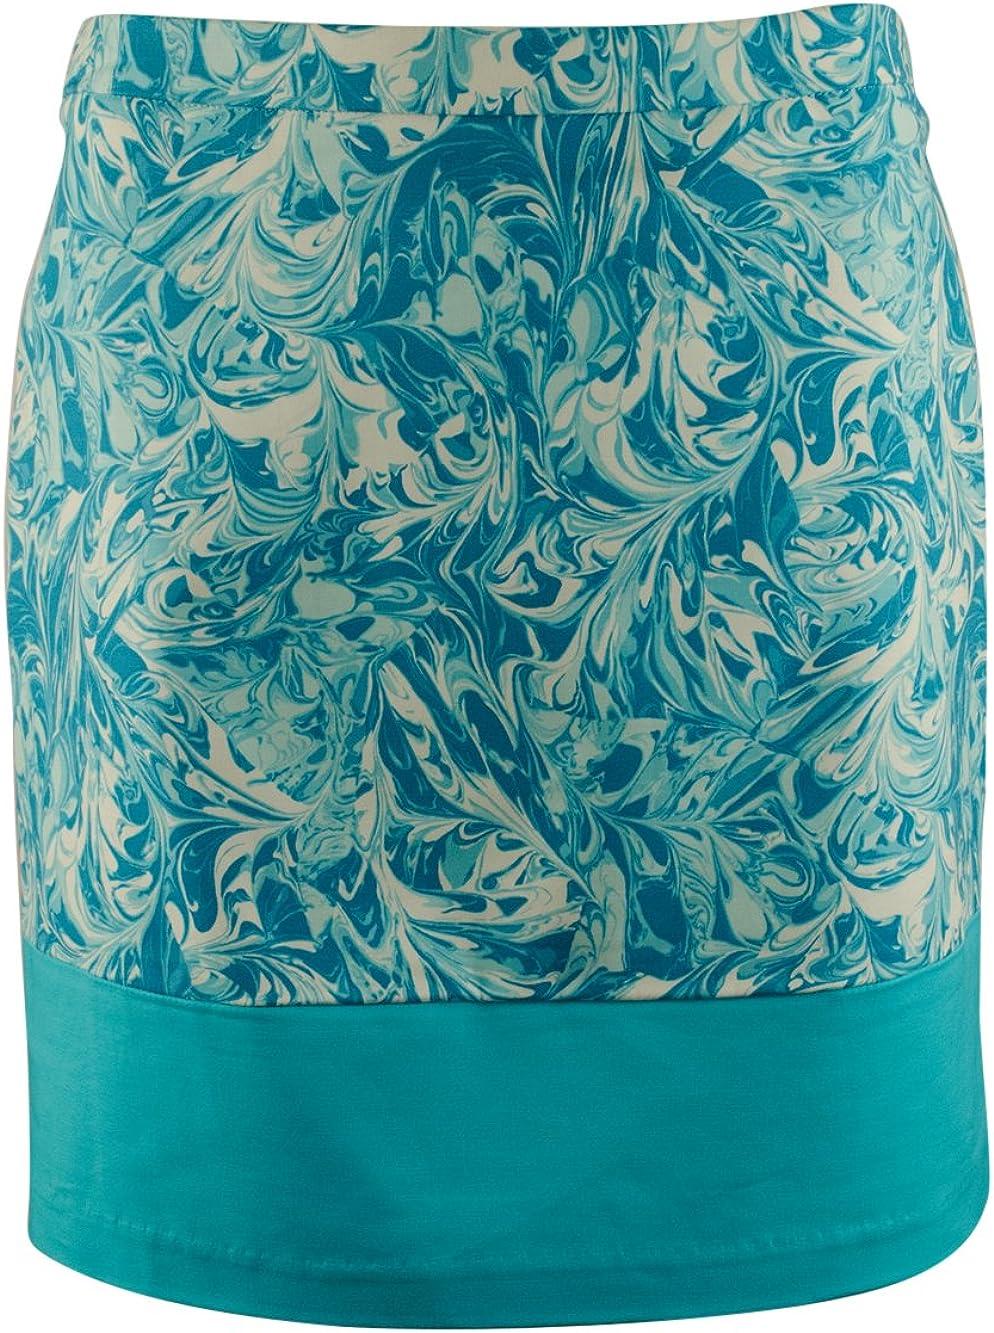 Women's Petite Patterned Mini Skirt